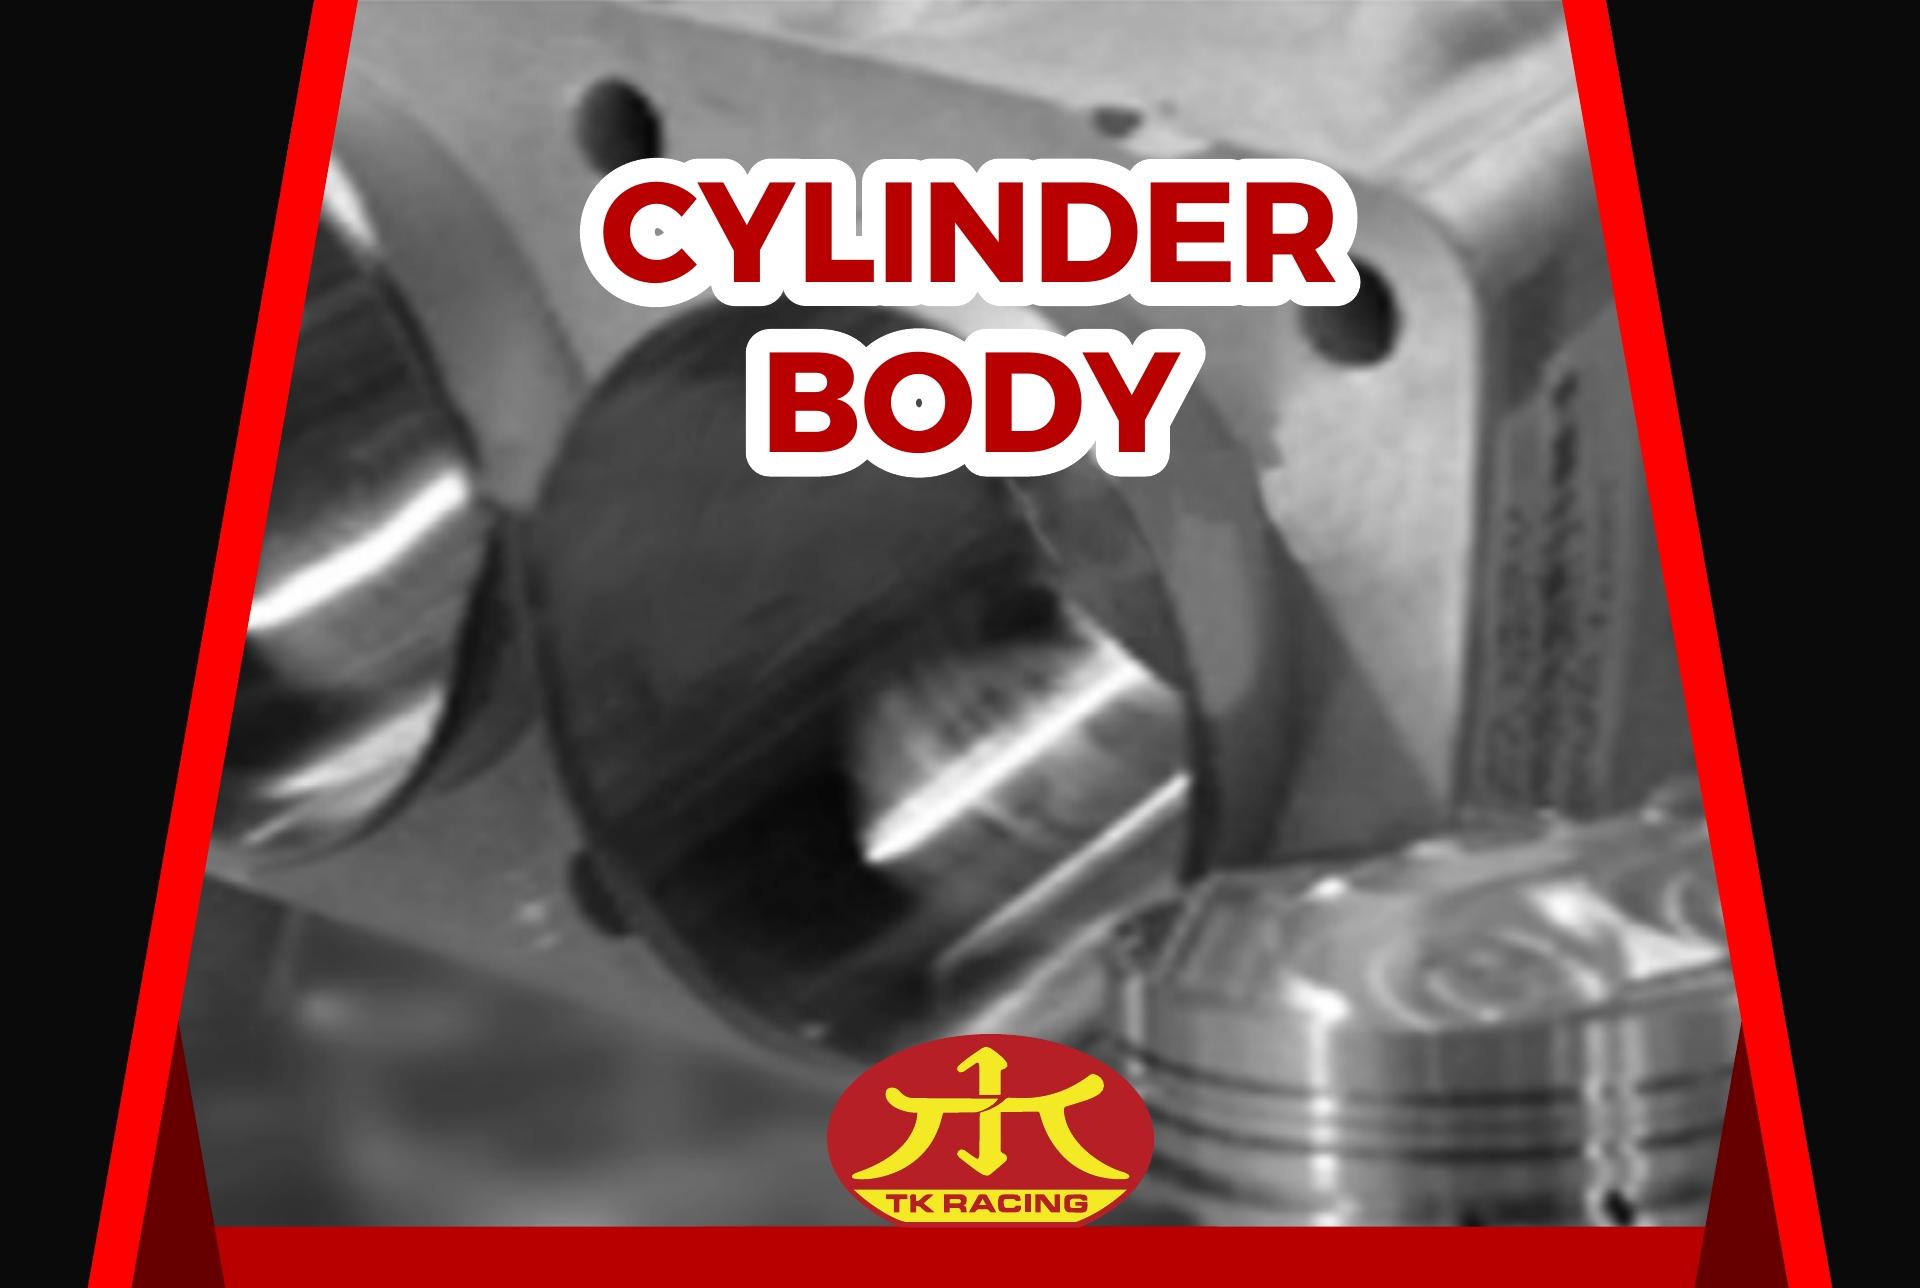 Cylinder Body TK image